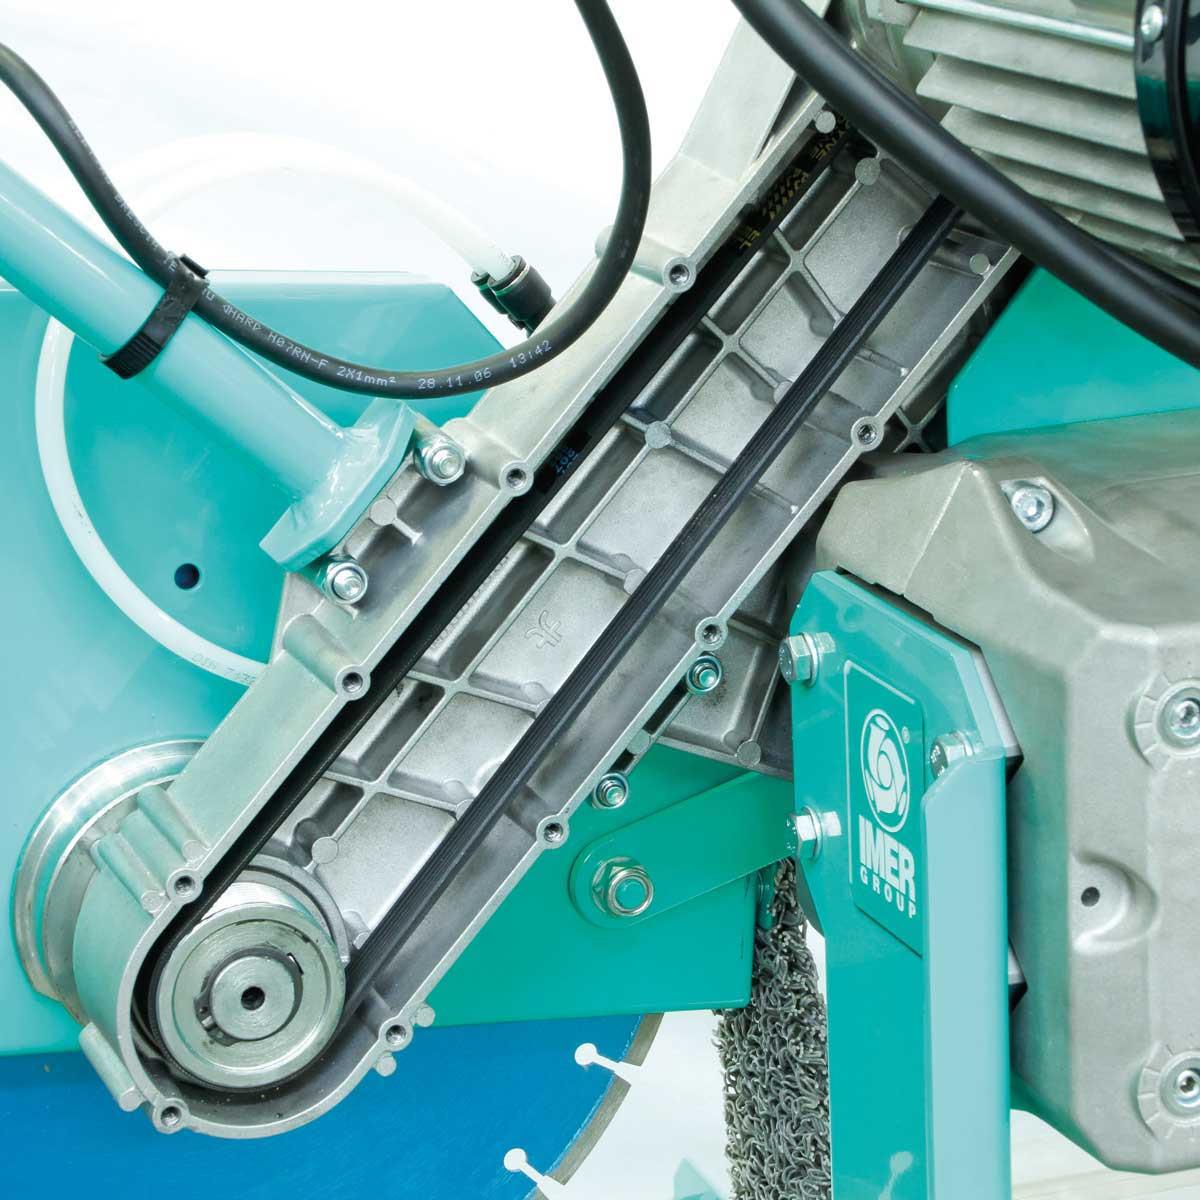 Imer Combicut belt driven motor